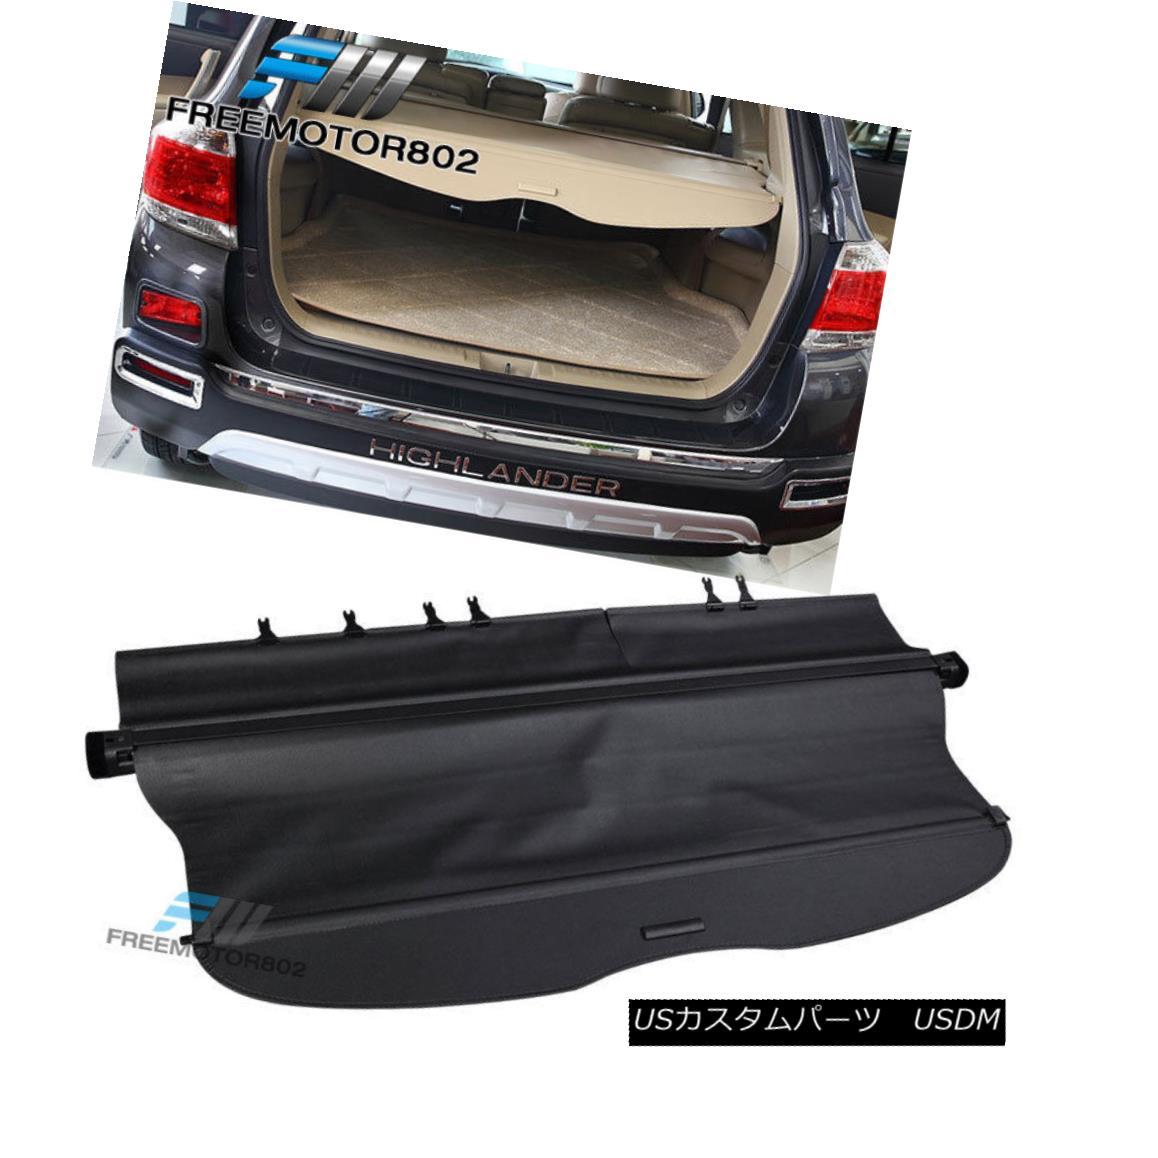 エアロパーツ Fits 08-12 Highlander Rear Retractable Cargo Security Trunk Cover Black OE Style フィット08-12ハイランダーリア格納式貨物セキュリティトランクカバーブラックOEスタイル